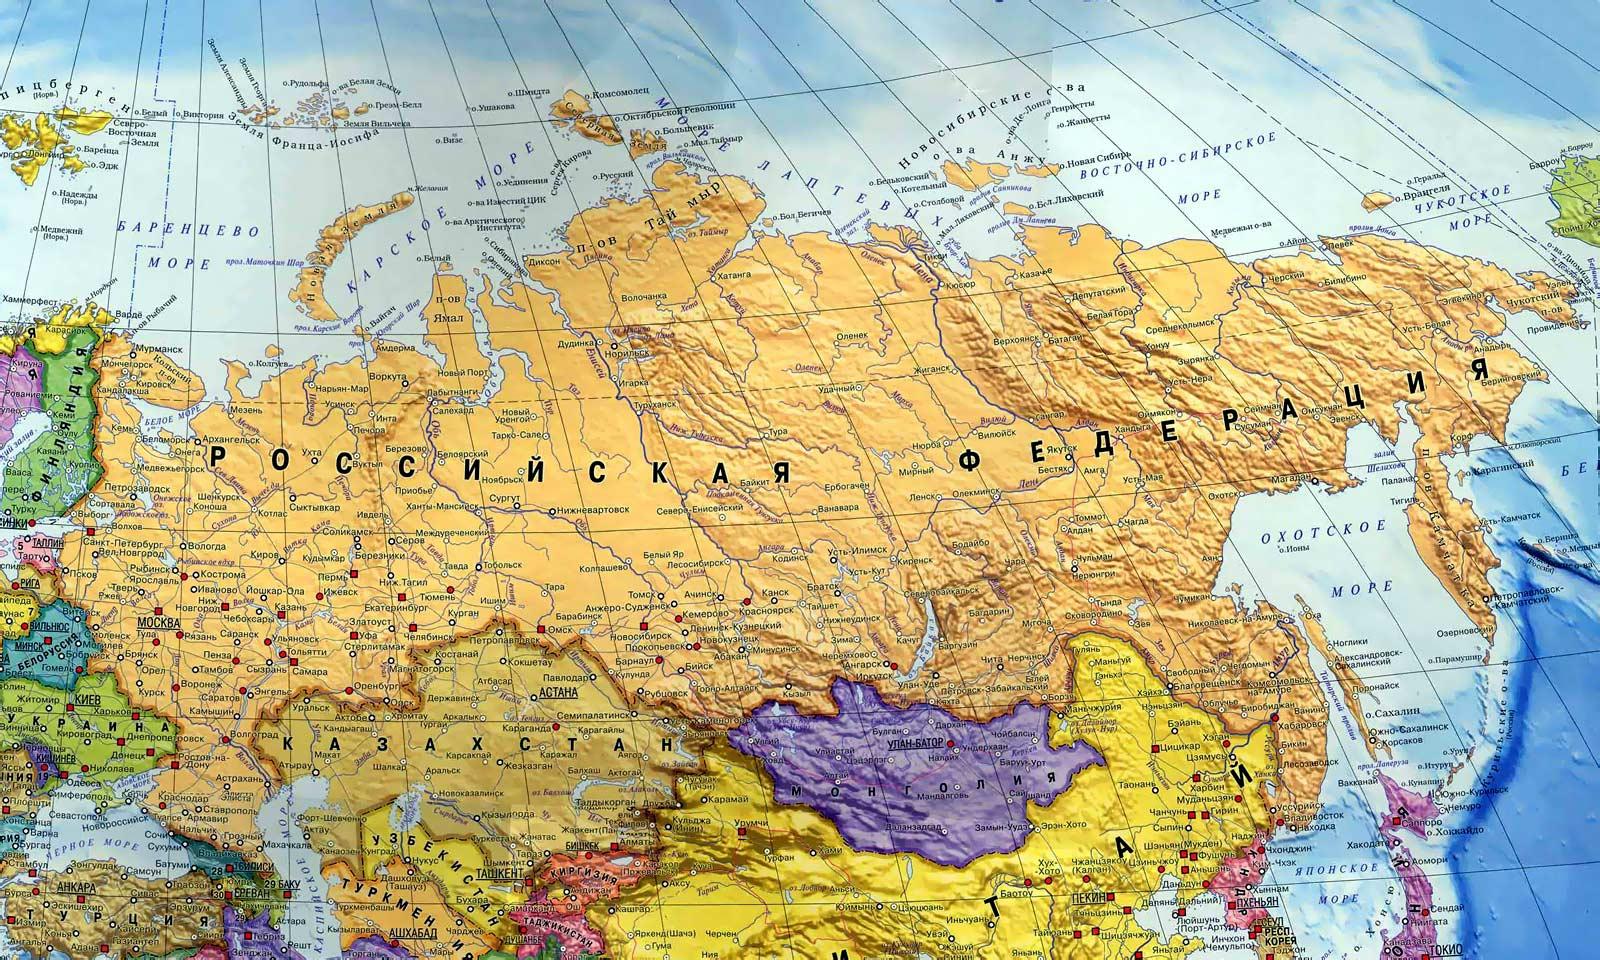 Скачать обои Казань мечеть Кул Шариф для рабочего стола